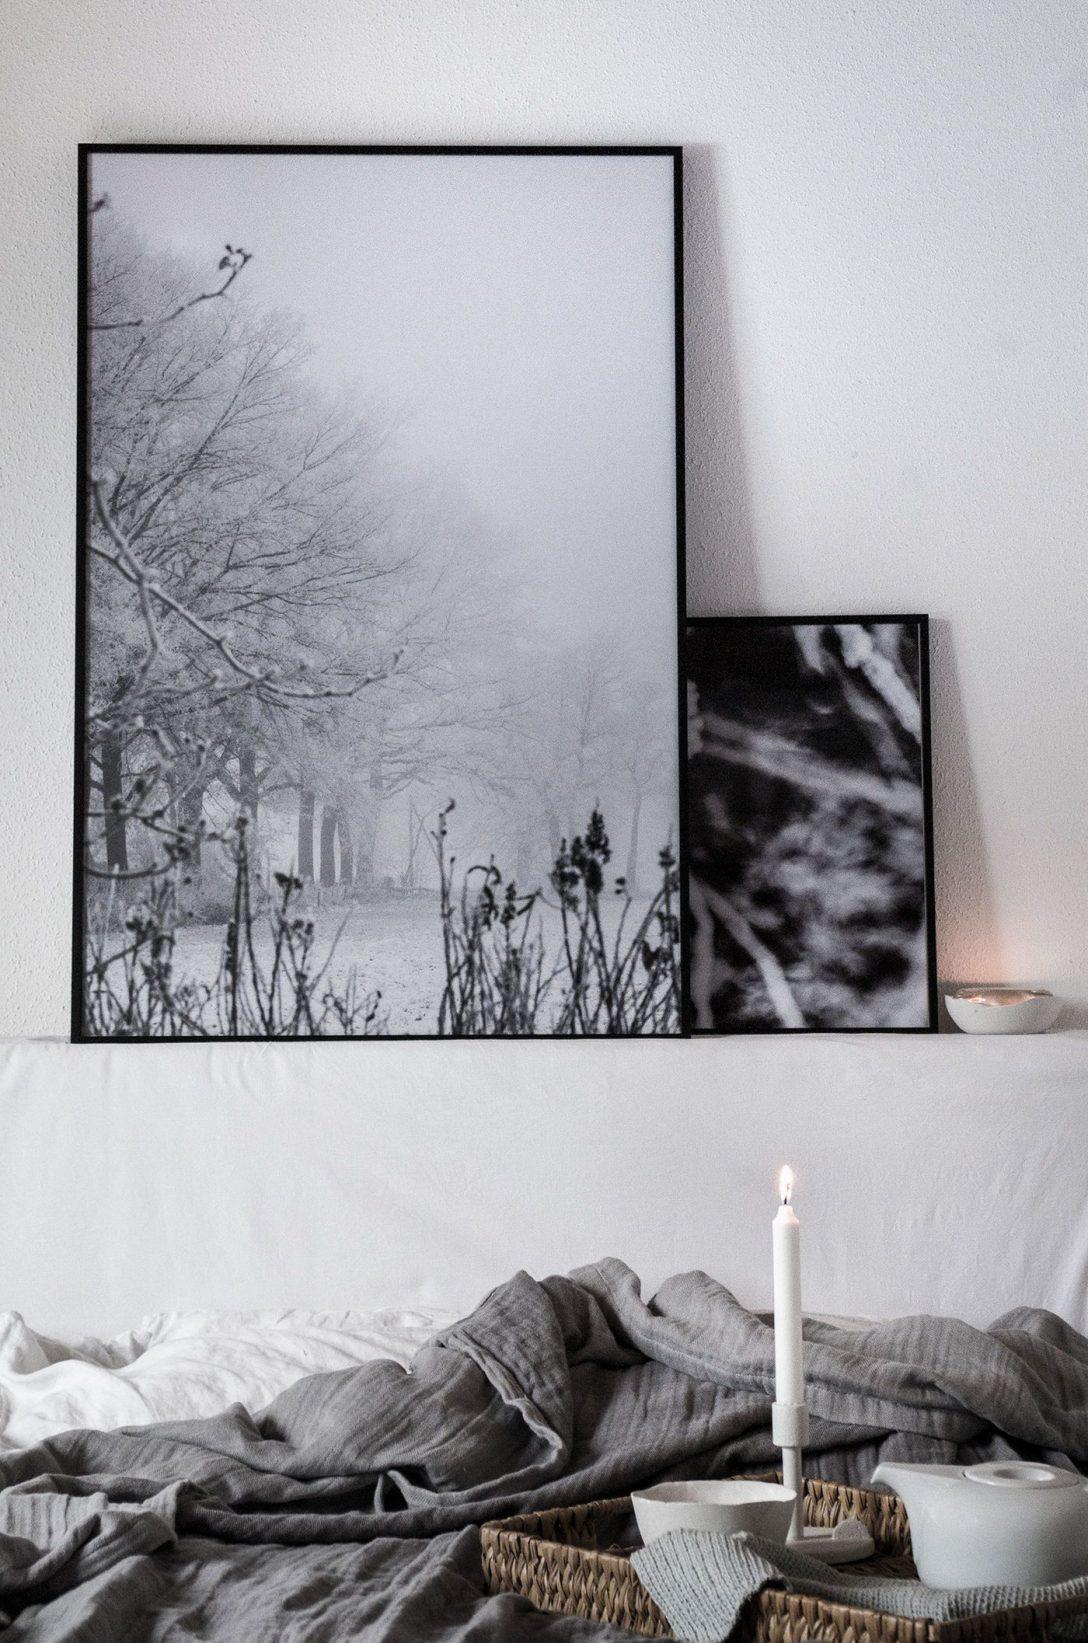 Large Size of Wandbilder Schlafzimmer Romantische Landhausstil Weiß Klimagerät Für Kommode Vorhänge Regal Schimmel Im Deckenlampe Wandleuchte Rauch Günstige Schlafzimmer Wandbilder Schlafzimmer